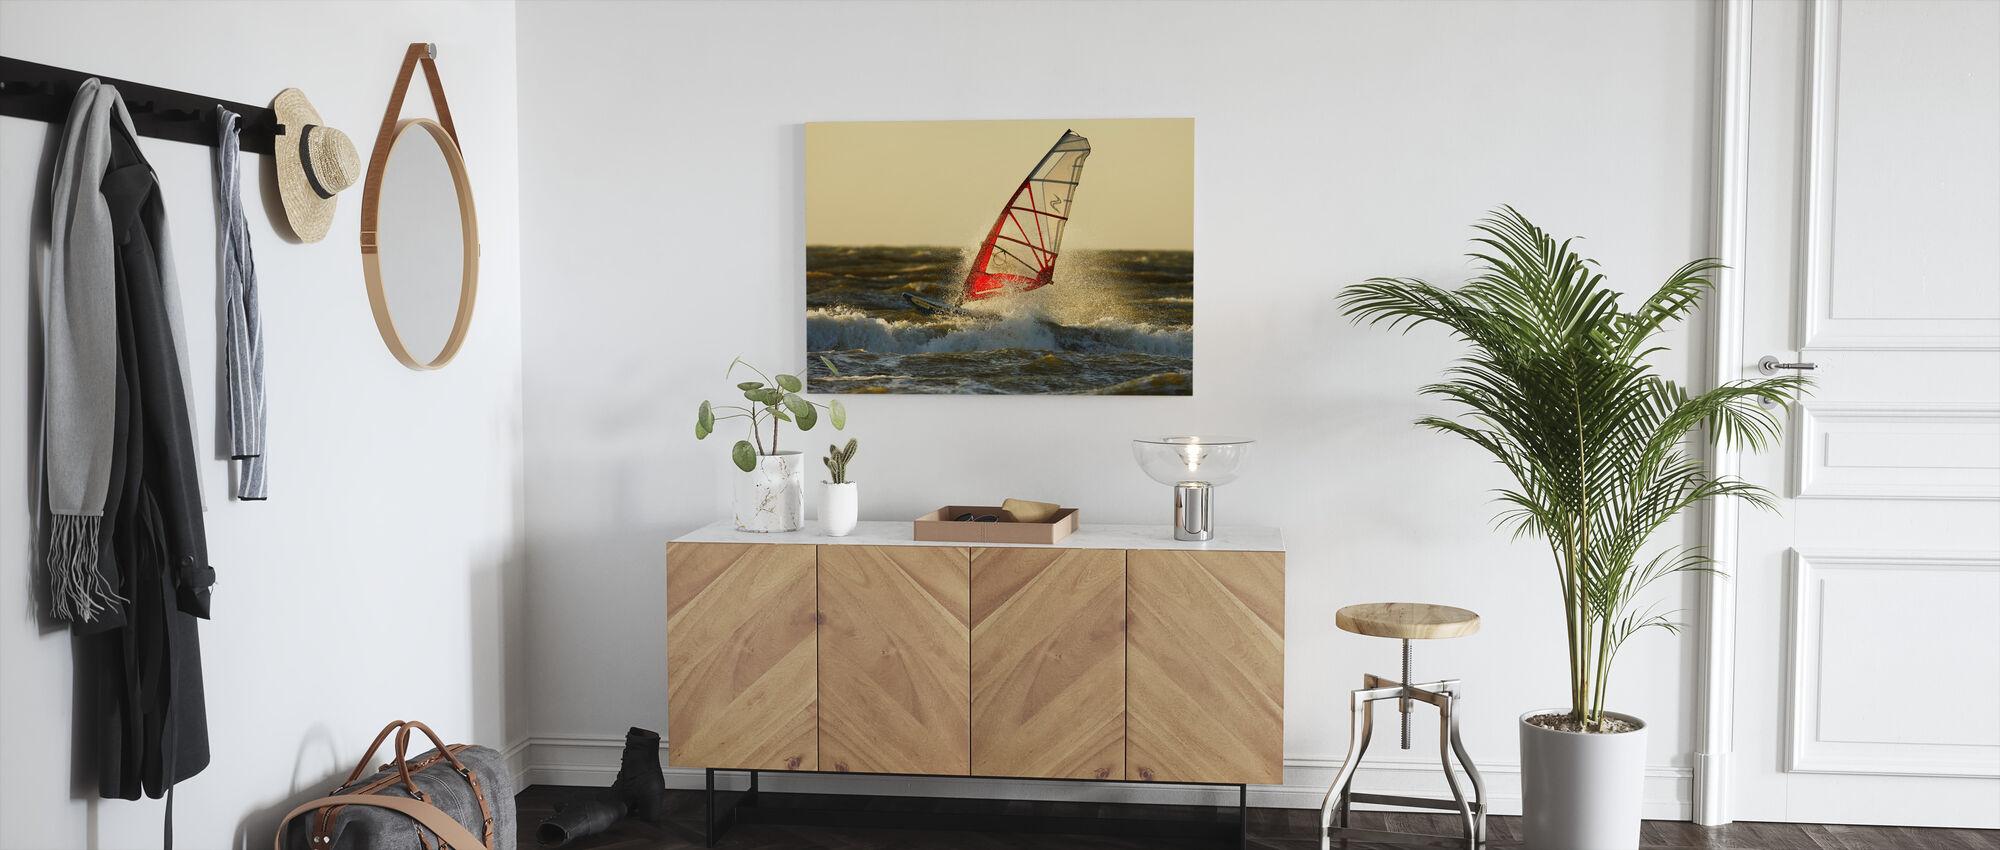 Surfing i Sverige, Europa - Lerretsbilde - Gang